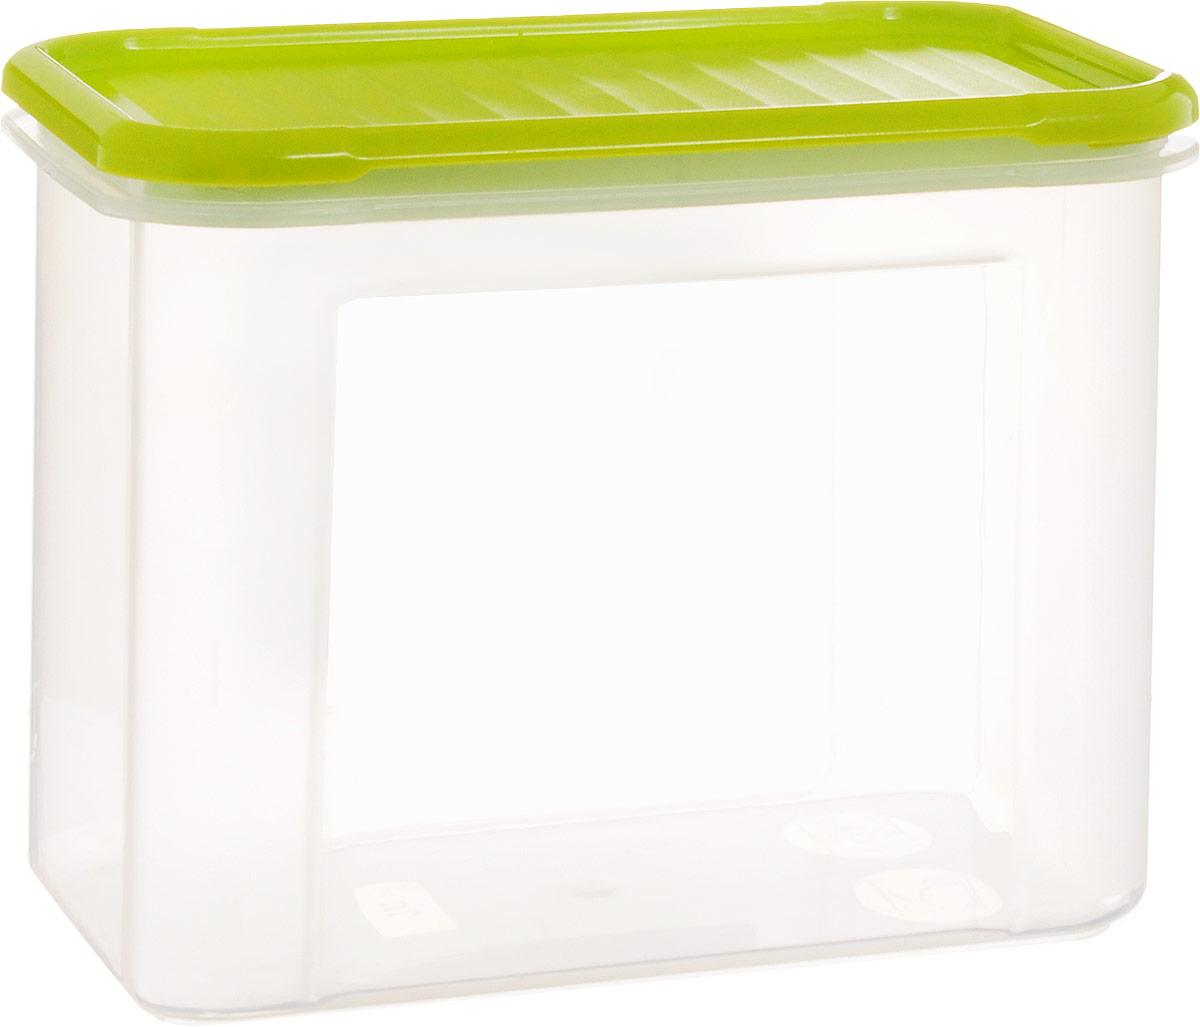 Банка для сыпучих продуктов Giaretti Krupa, цвет: оливковый, прозрачный, 1 л банка для сыпучих продуктов giaretti krupa с дозатором цвет оливковый прозрачный 1 5 л